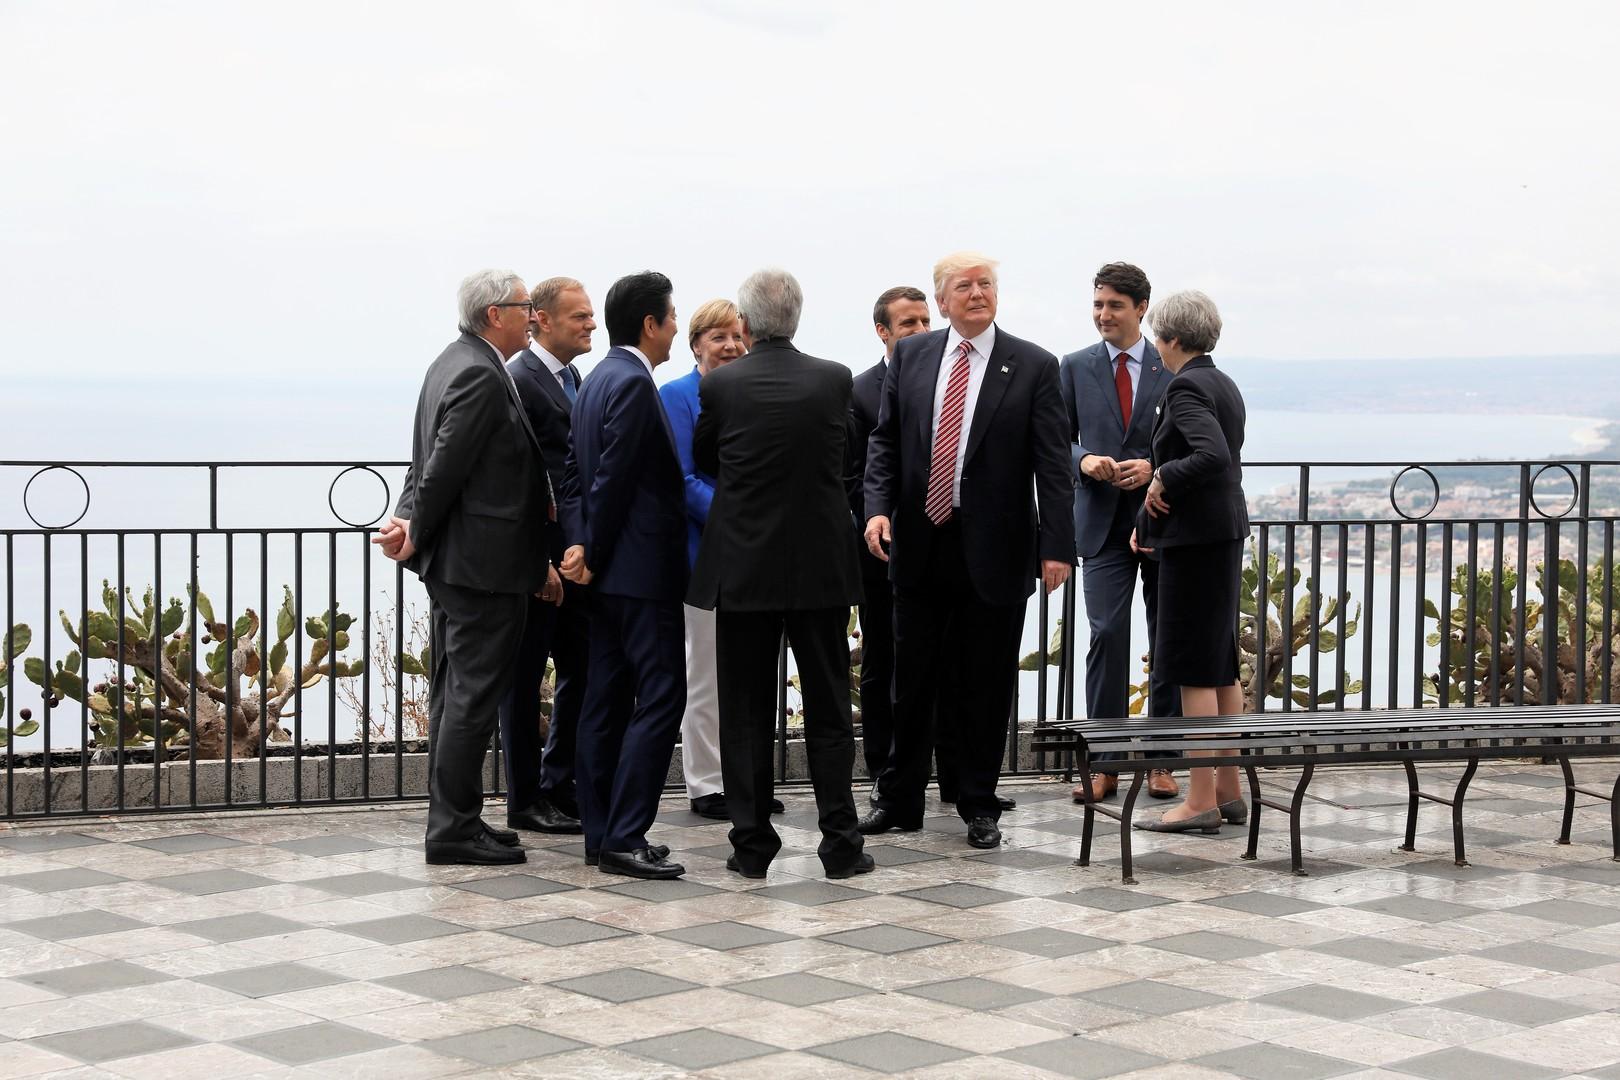 G7-Gipfel macht deutlich: Der einstige Elite-Club hat sich endgültig marginalisiert